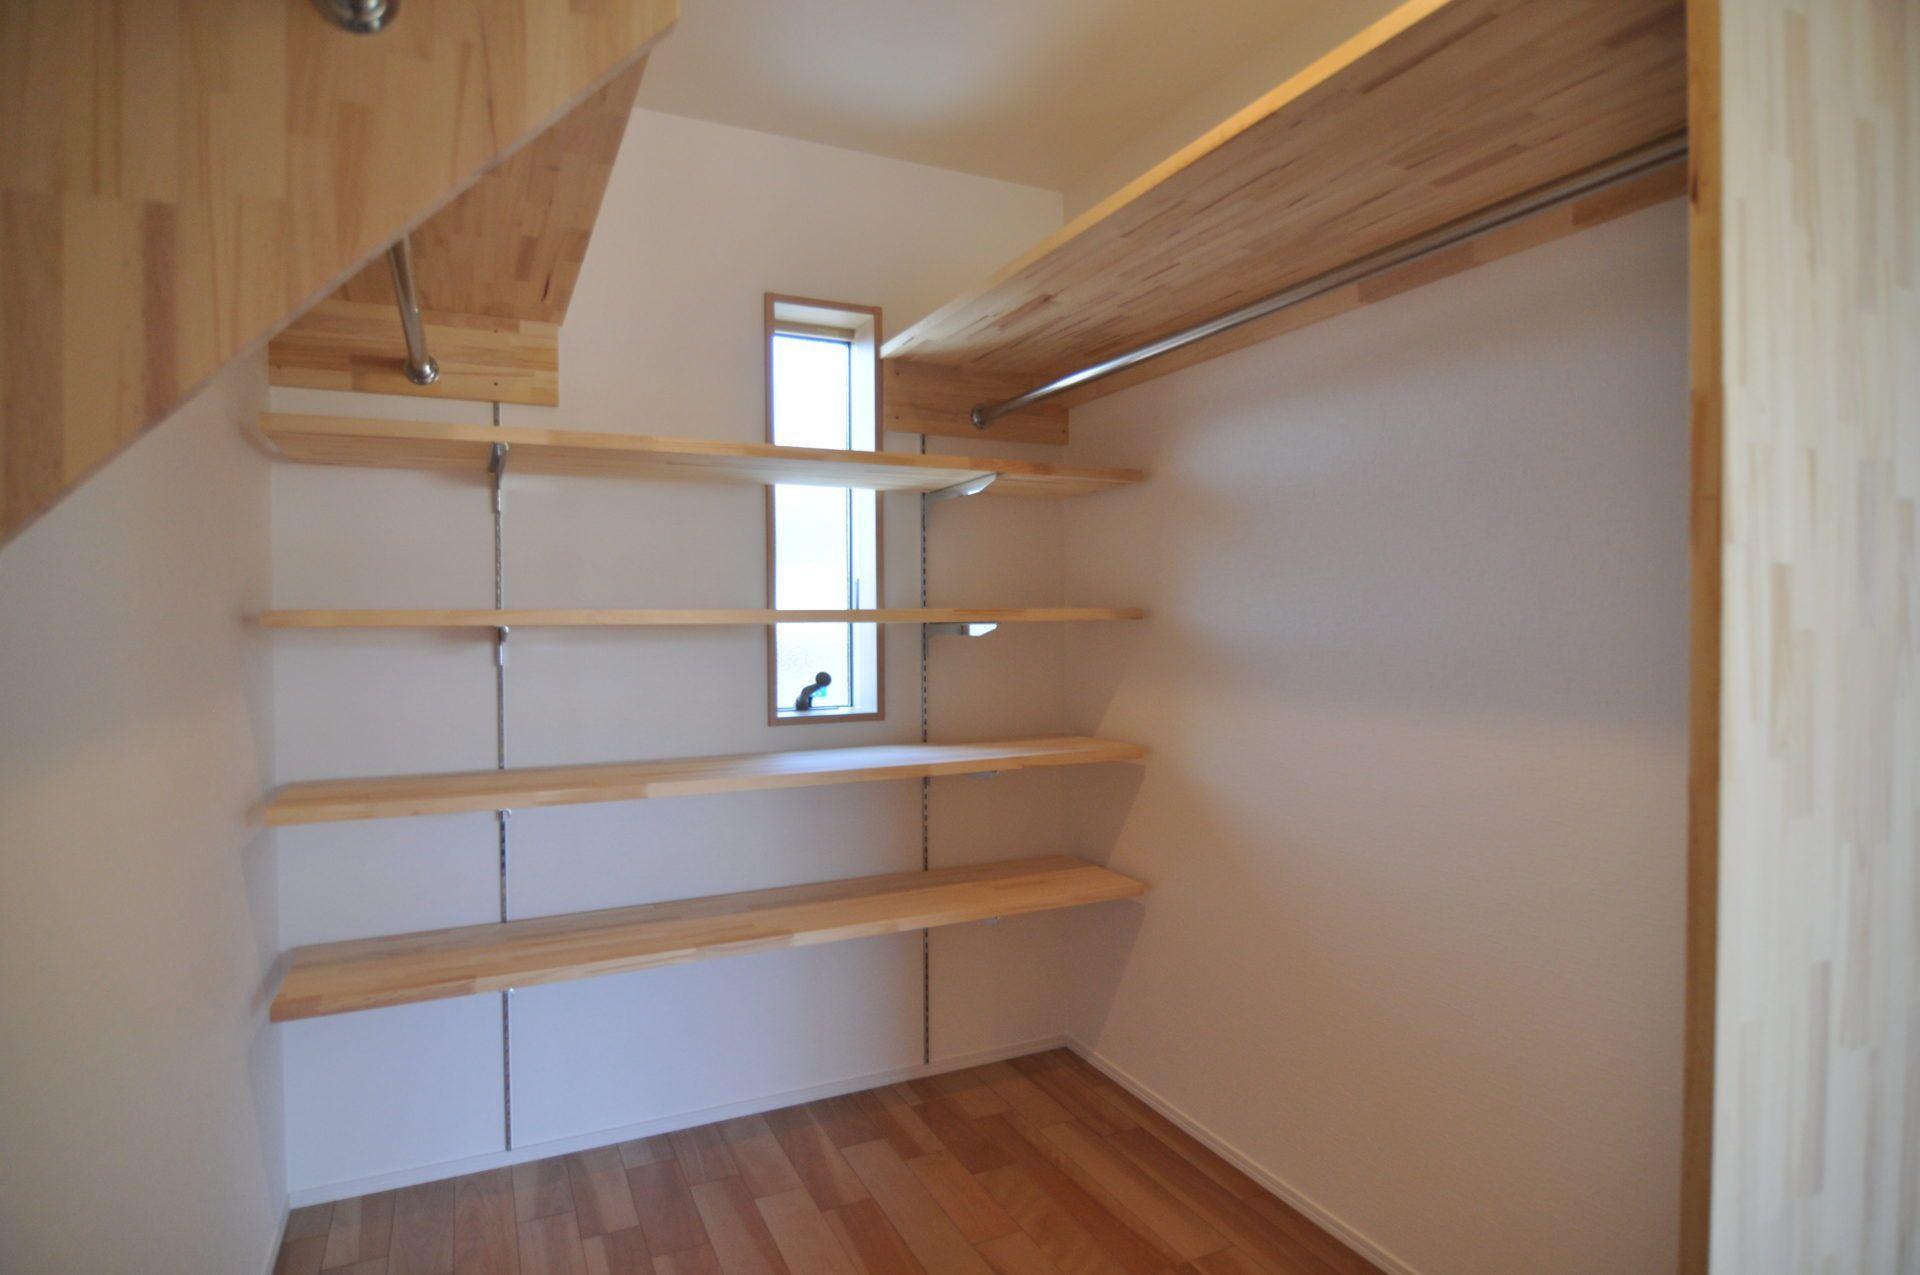 有限会社 市川建築店 1級建築士事務所「加茂市 Y様邸」のシンプル・ナチュラル・モダンな収納スペースの実例写真